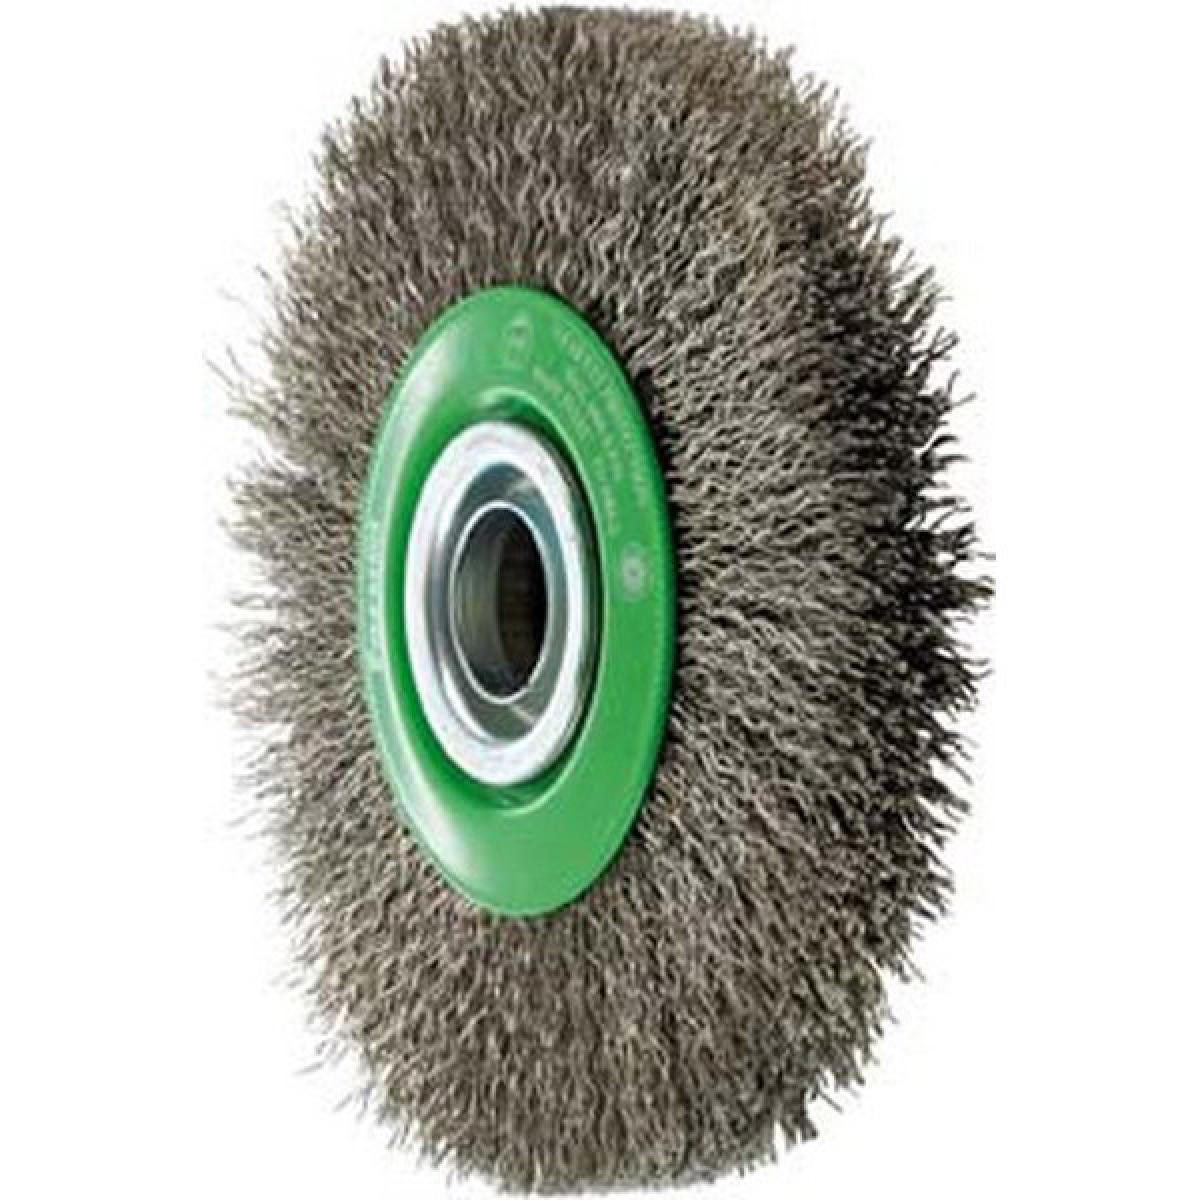 Forum Brosse circulaire, fil d'acier inoxydable de 0,3 mm, ondulé, Ø de la brosse : 150 mm, Larg. : de travail 30 mm, Vitesse